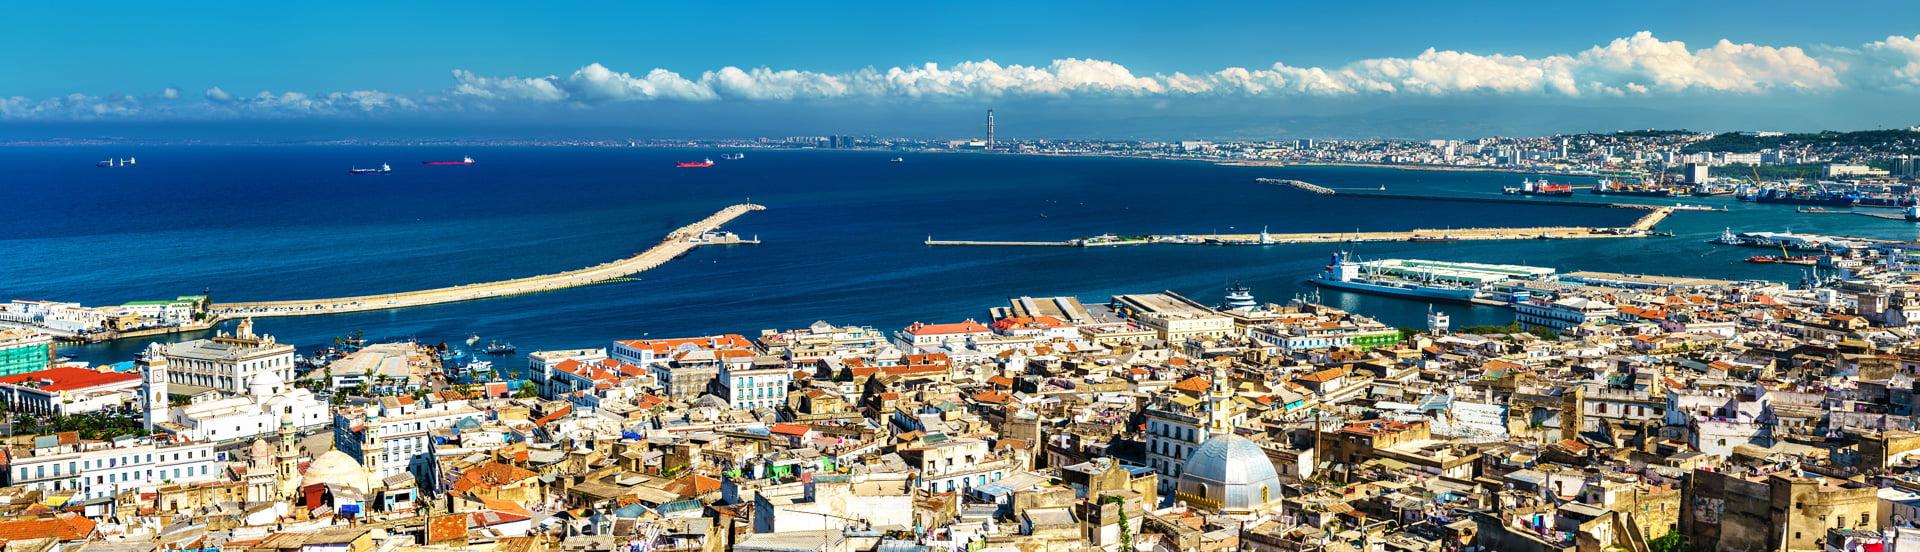 kingsmill Algeria